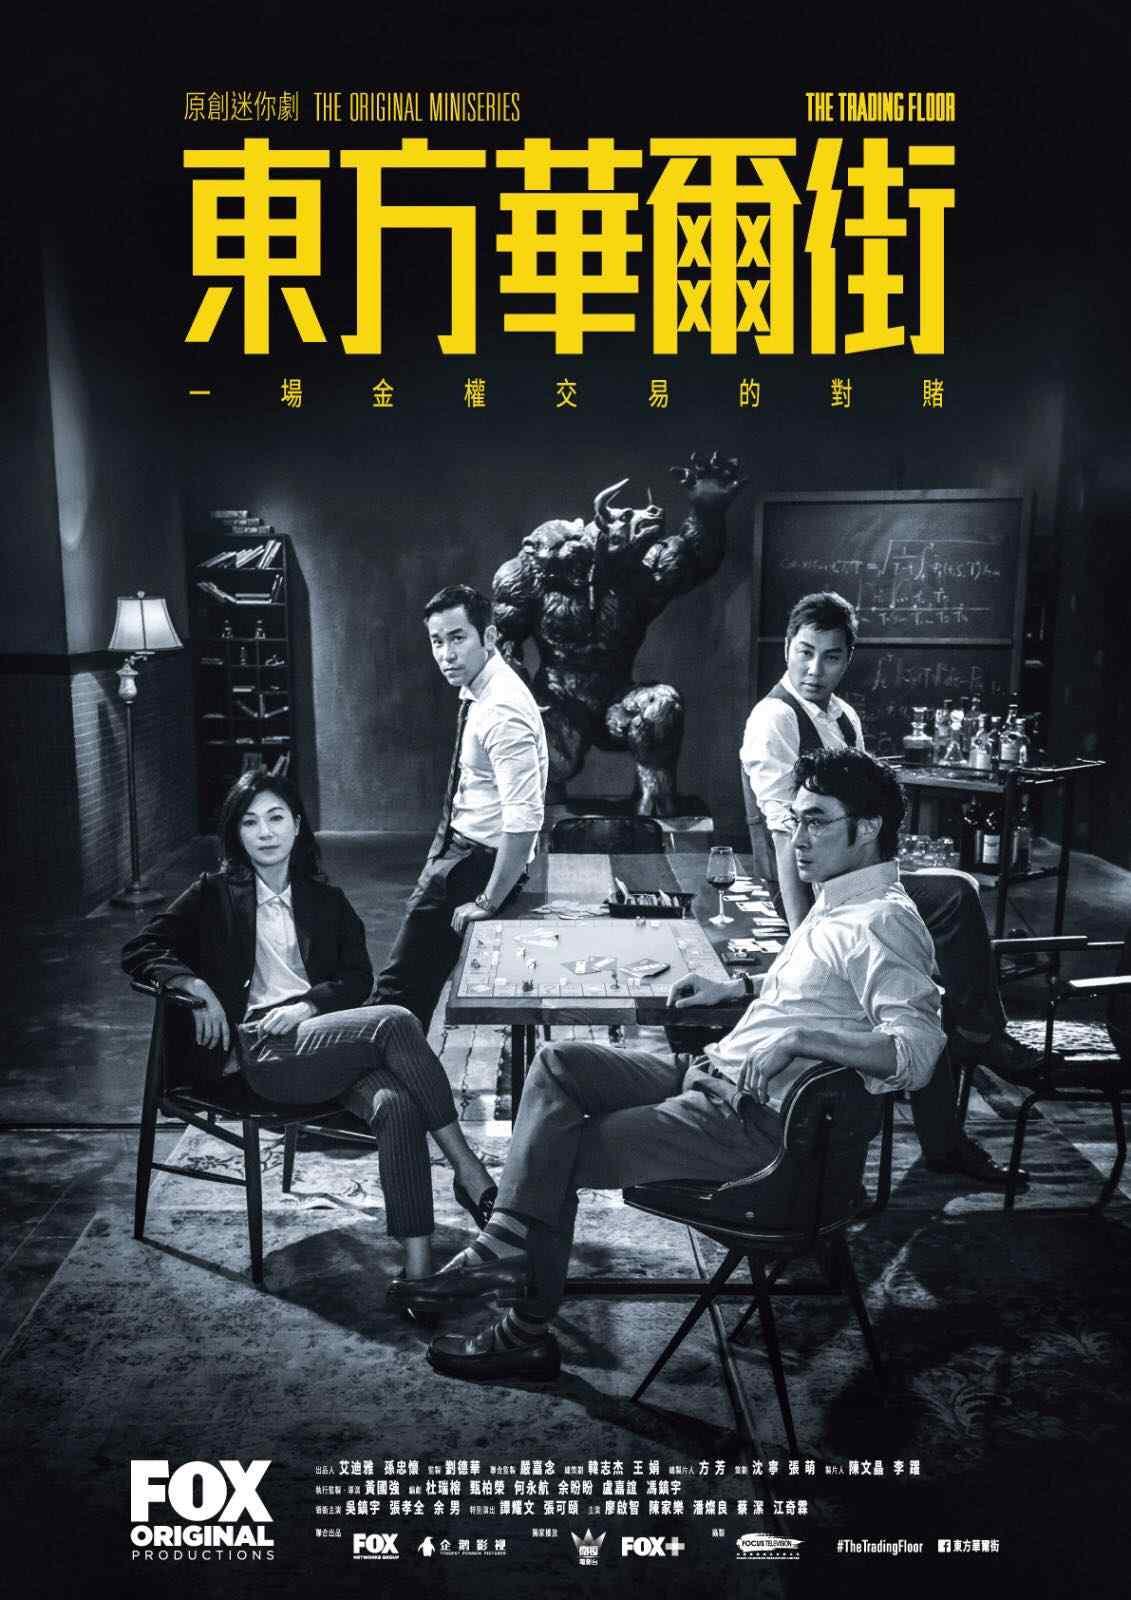 东方华尔街中国香港正式海报